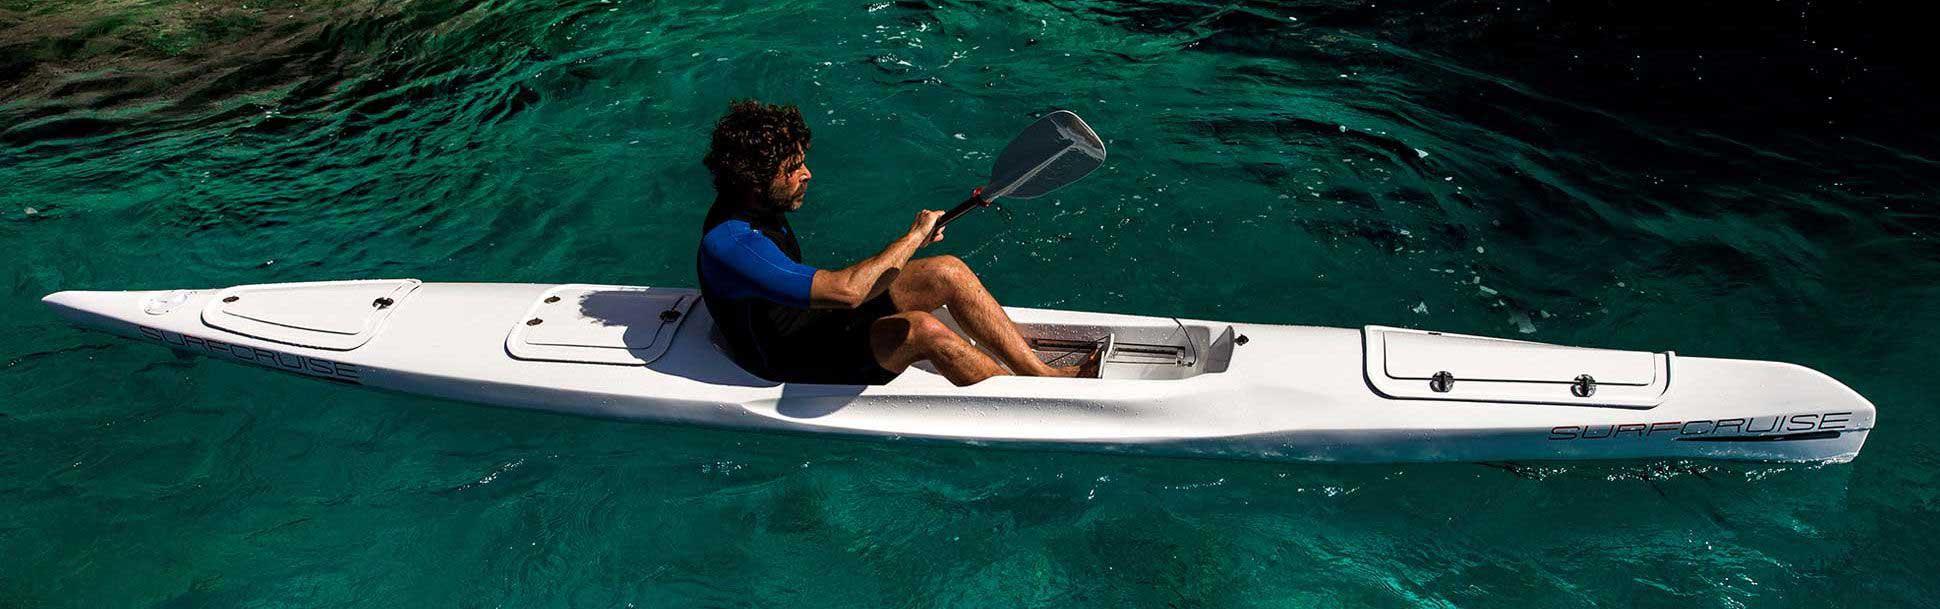 surfcruise-contatti